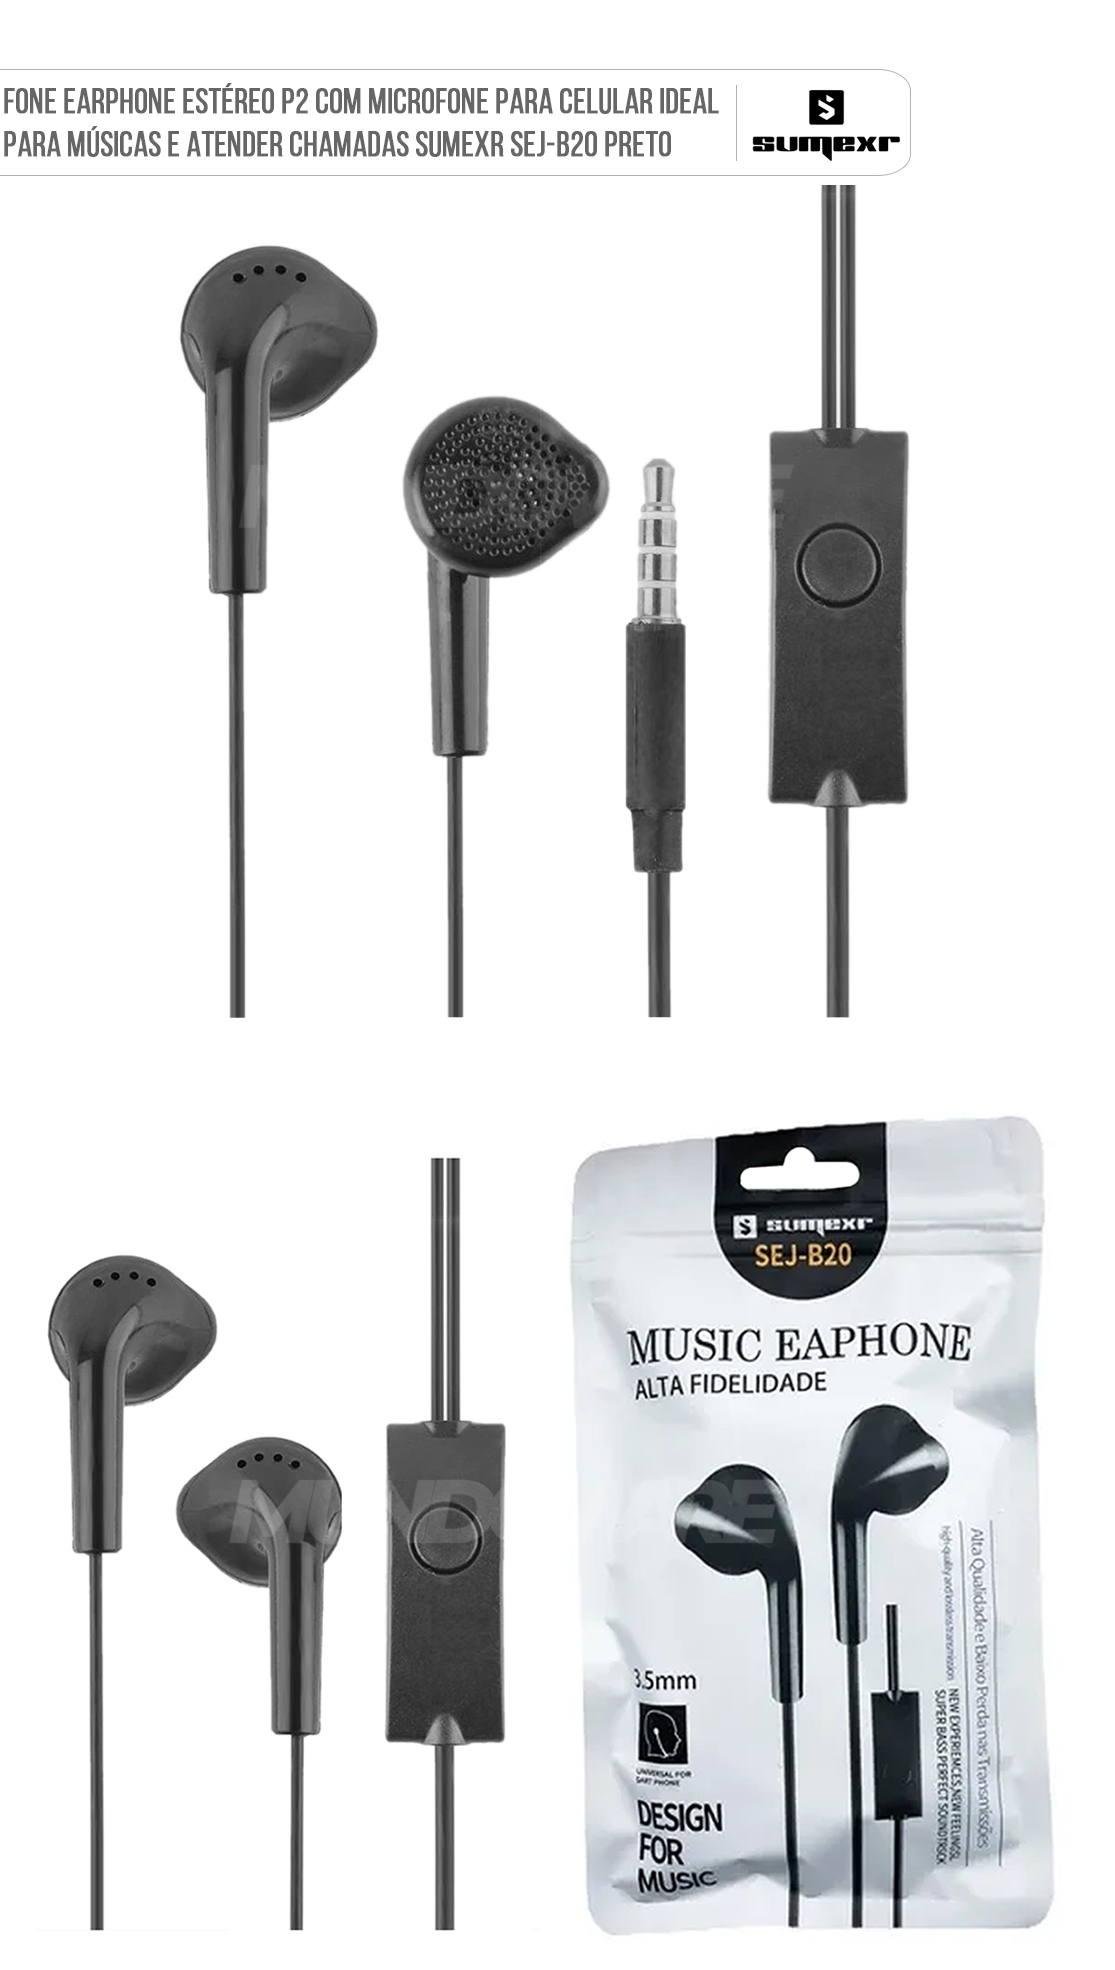 Fone Earphone Estéreo P2 para Celular com Microfone para Atender Chamadas Sumexr SEJ-B20 Preto